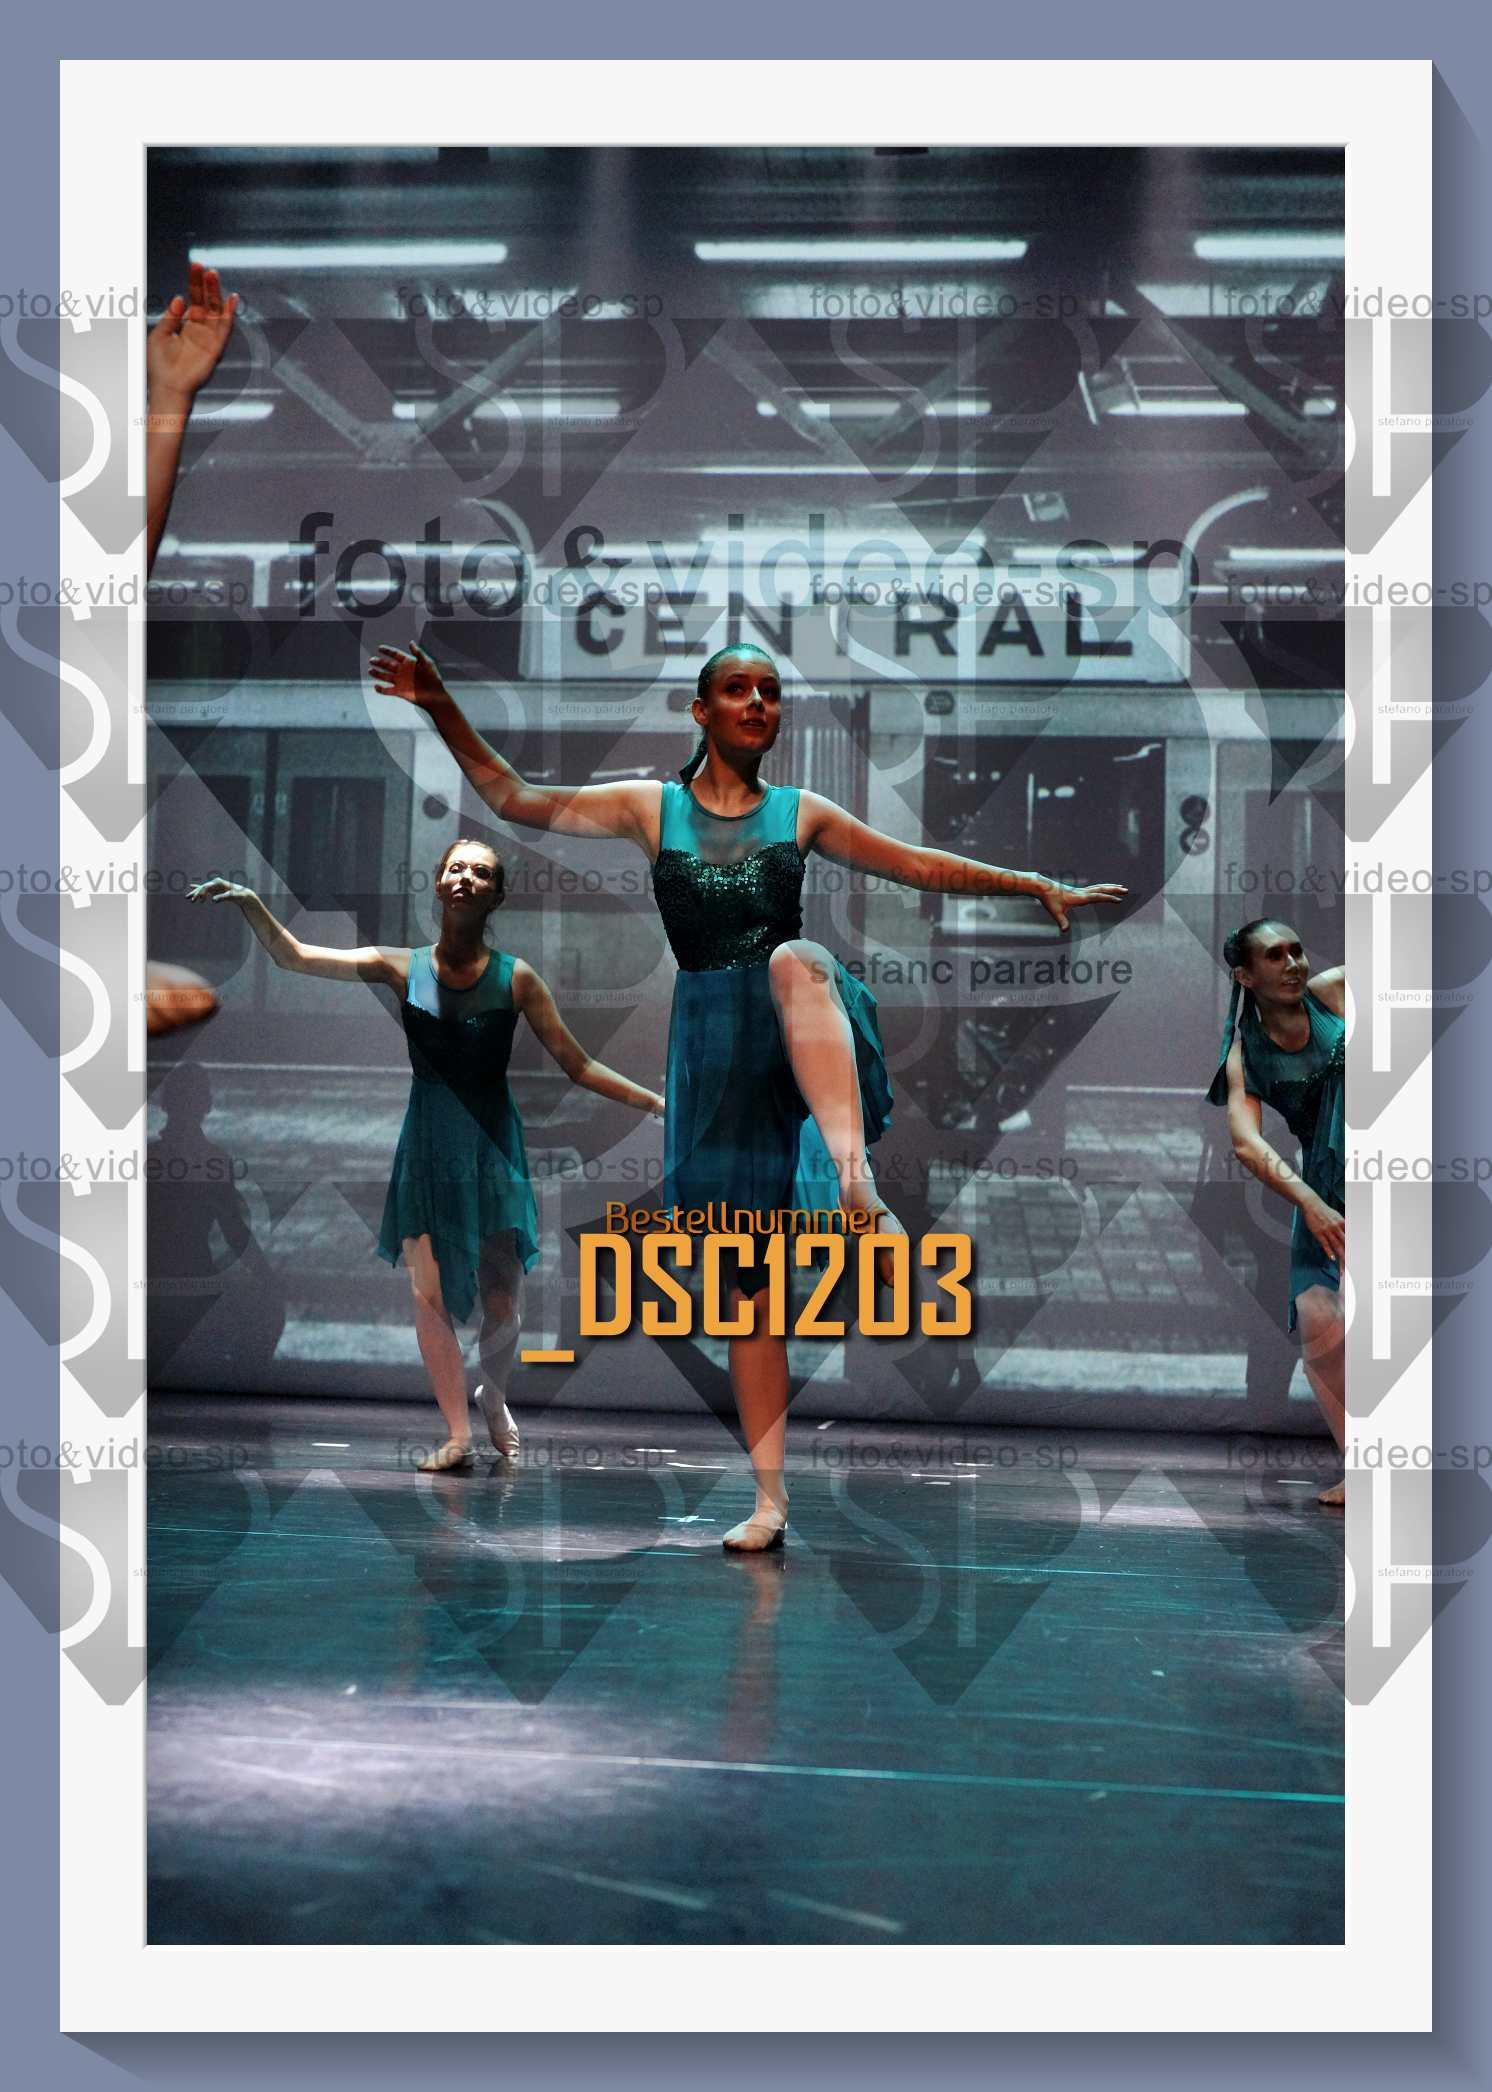 DSC1203